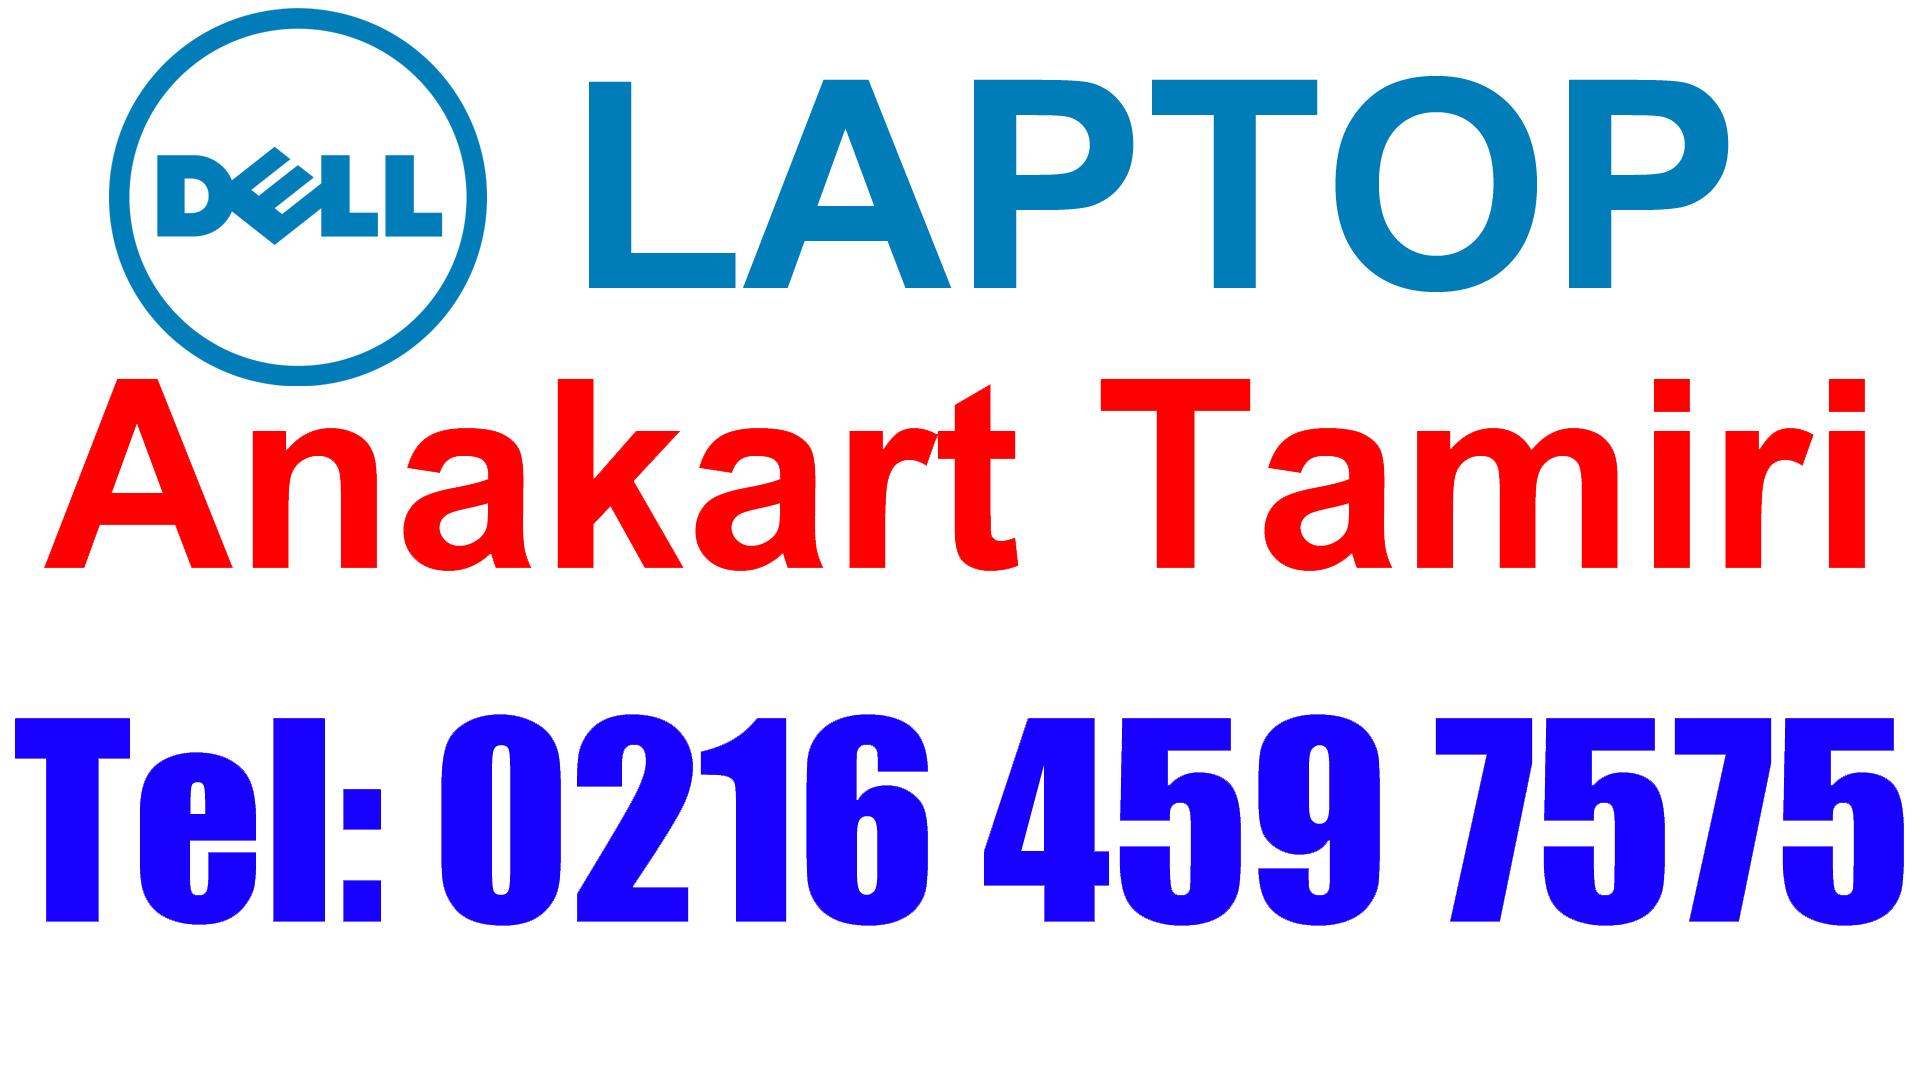 Dell Laptop Ana Kart Tamiri ve Değişimi